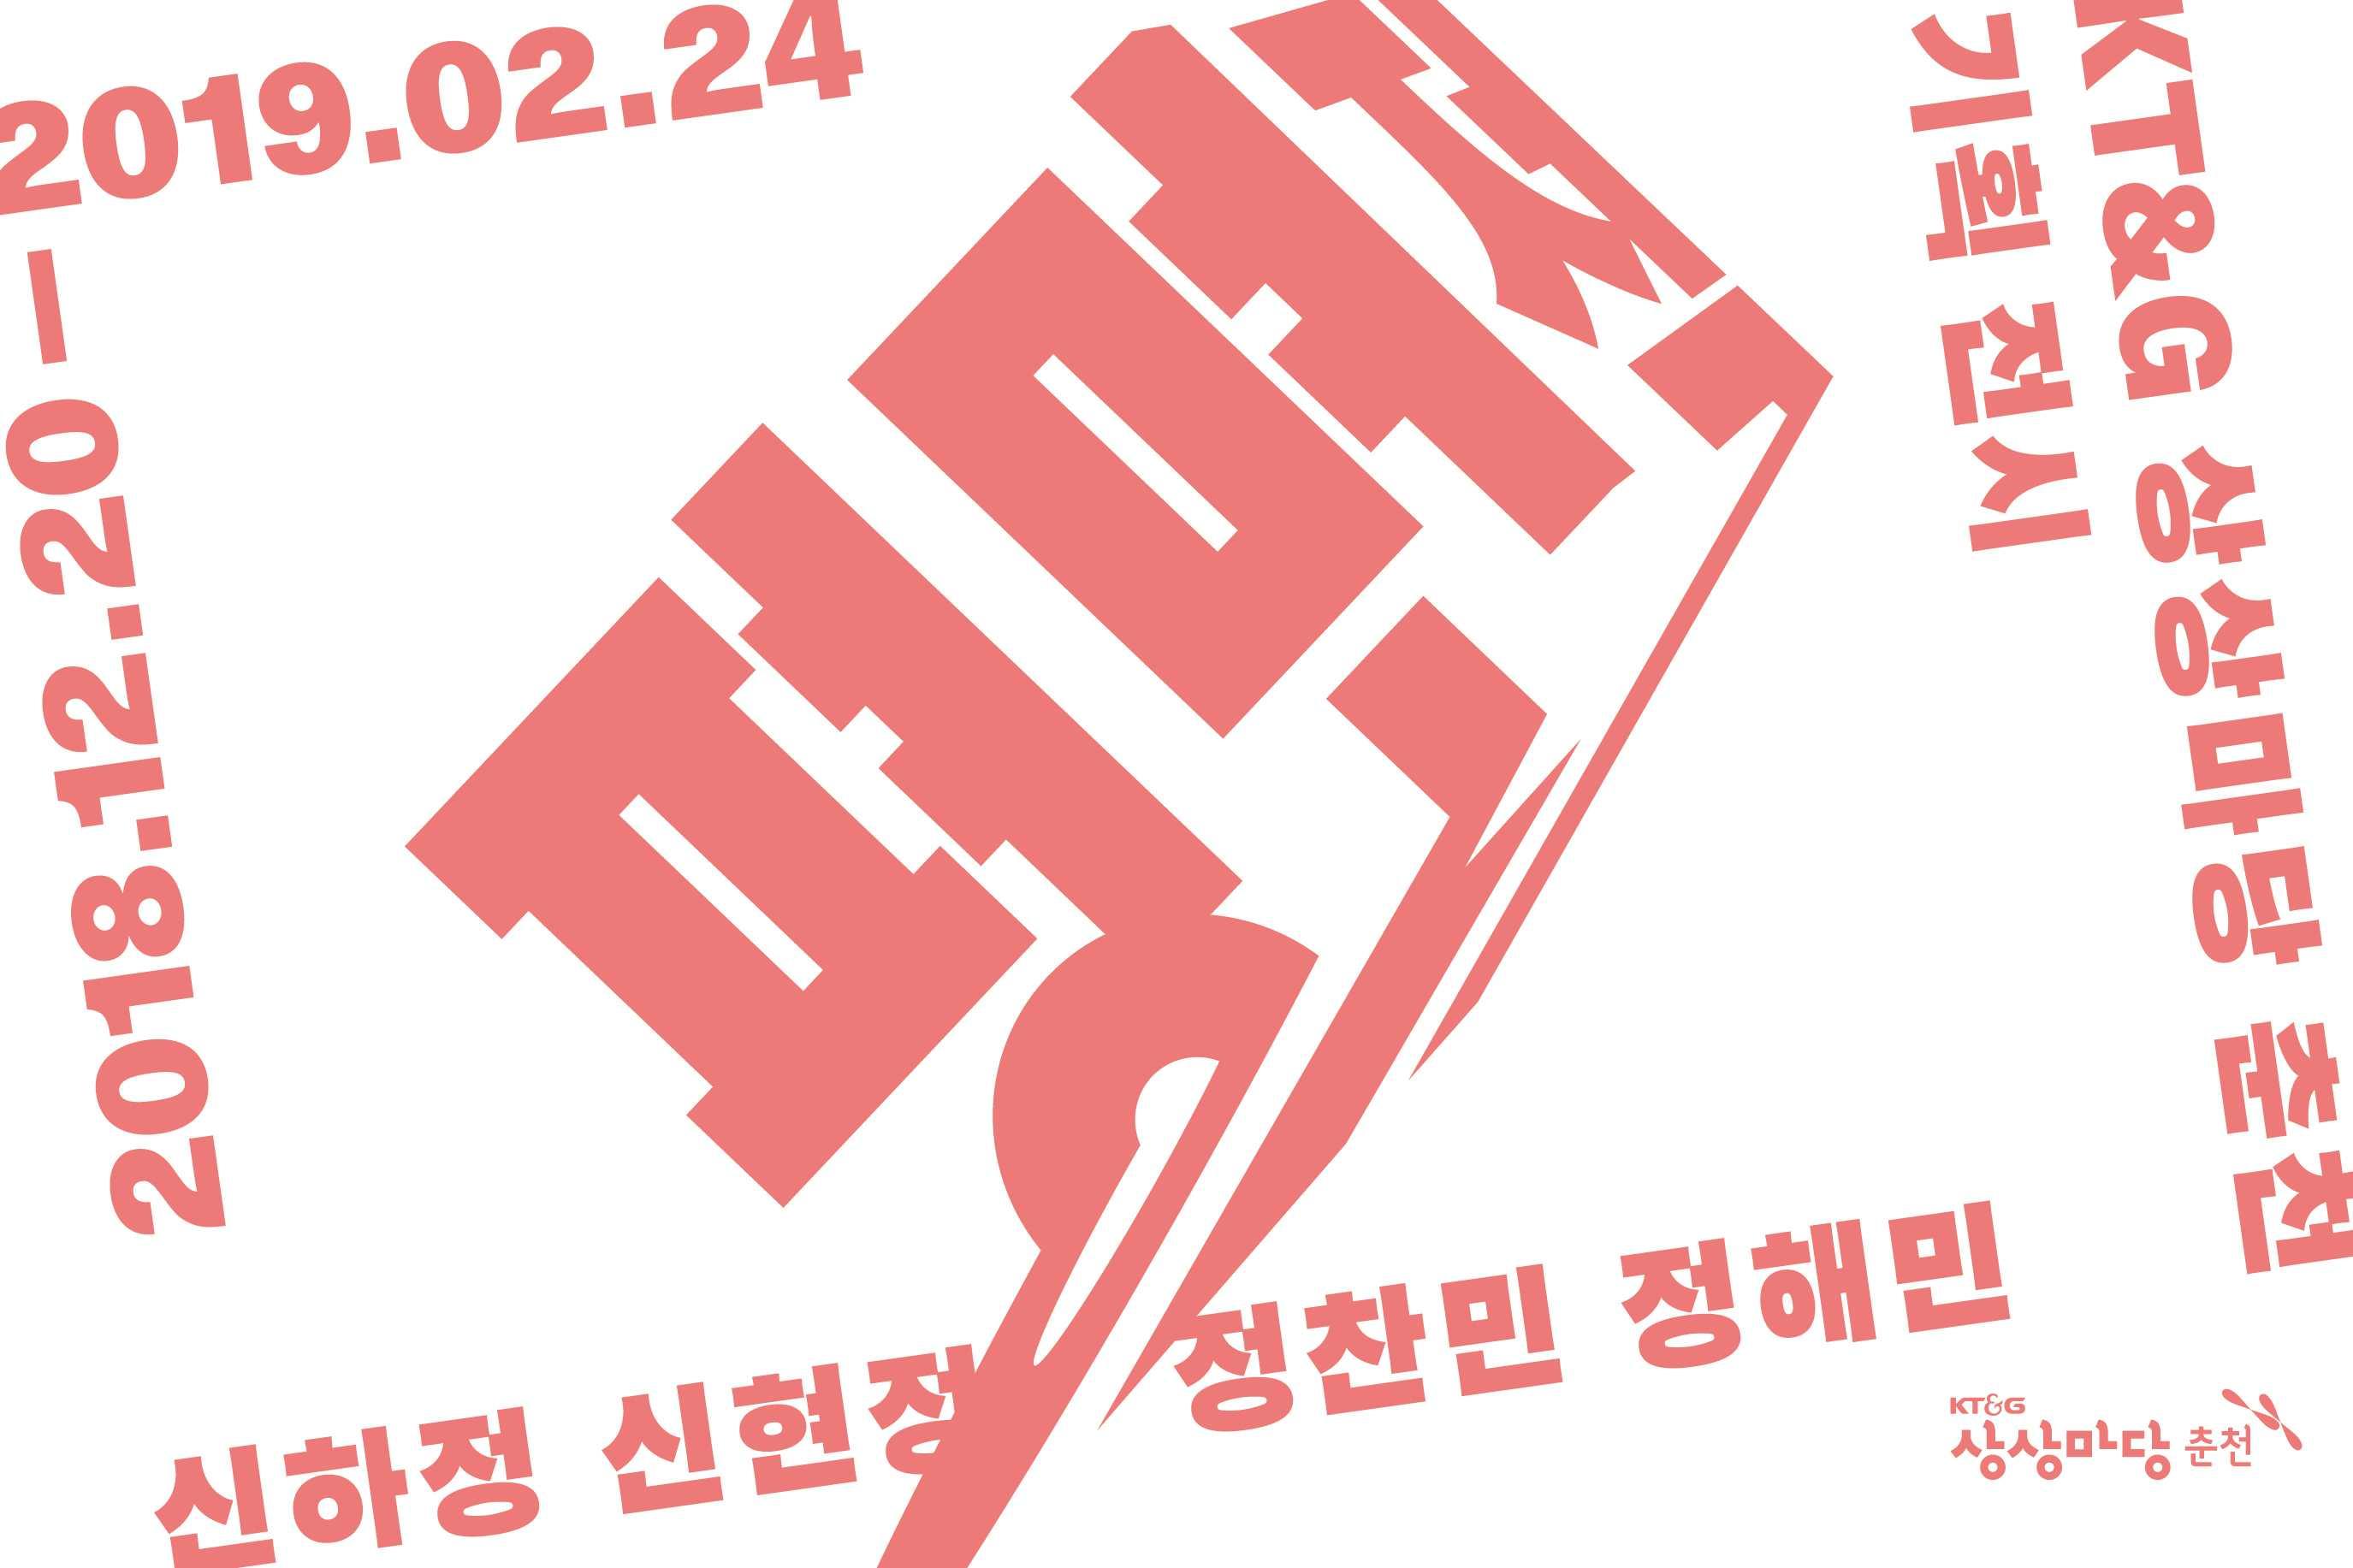 KT&G 상상마당 춘천 기획전〈평/면적〉